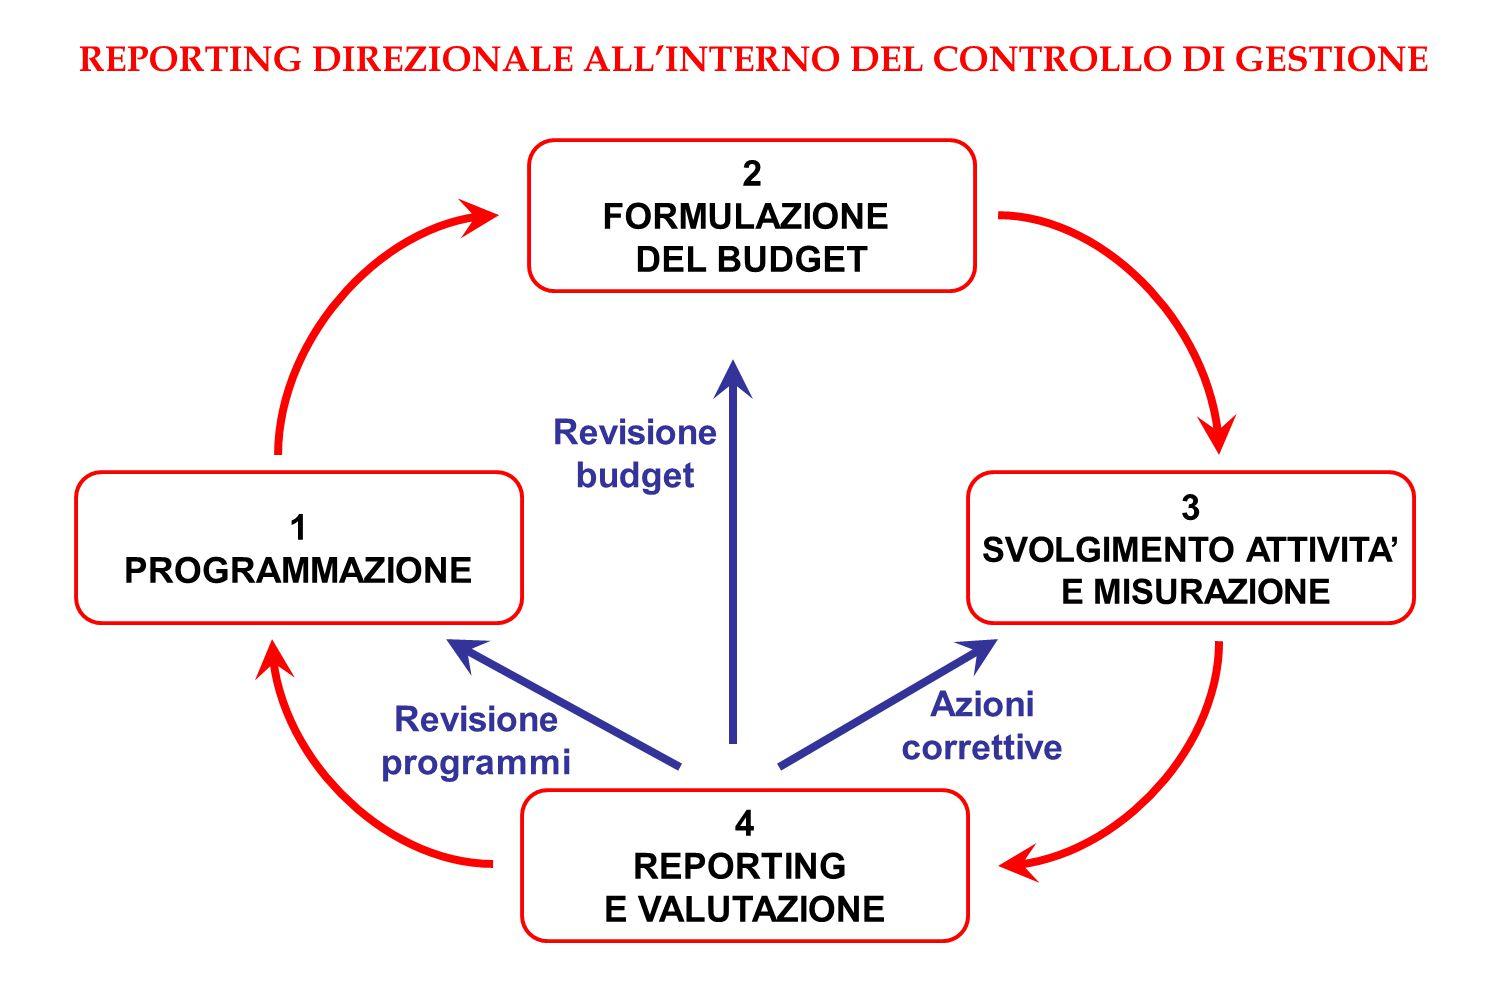 REPORTING DIREZIONALE ALL'INTERNO DEL CONTROLLO DI GESTIONE 1 PROGRAMMAZIONE 4 REPORTING E VALUTAZIONE 3 SVOLGIMENTO ATTIVITA' E MISURAZIONE 2 FORMULA